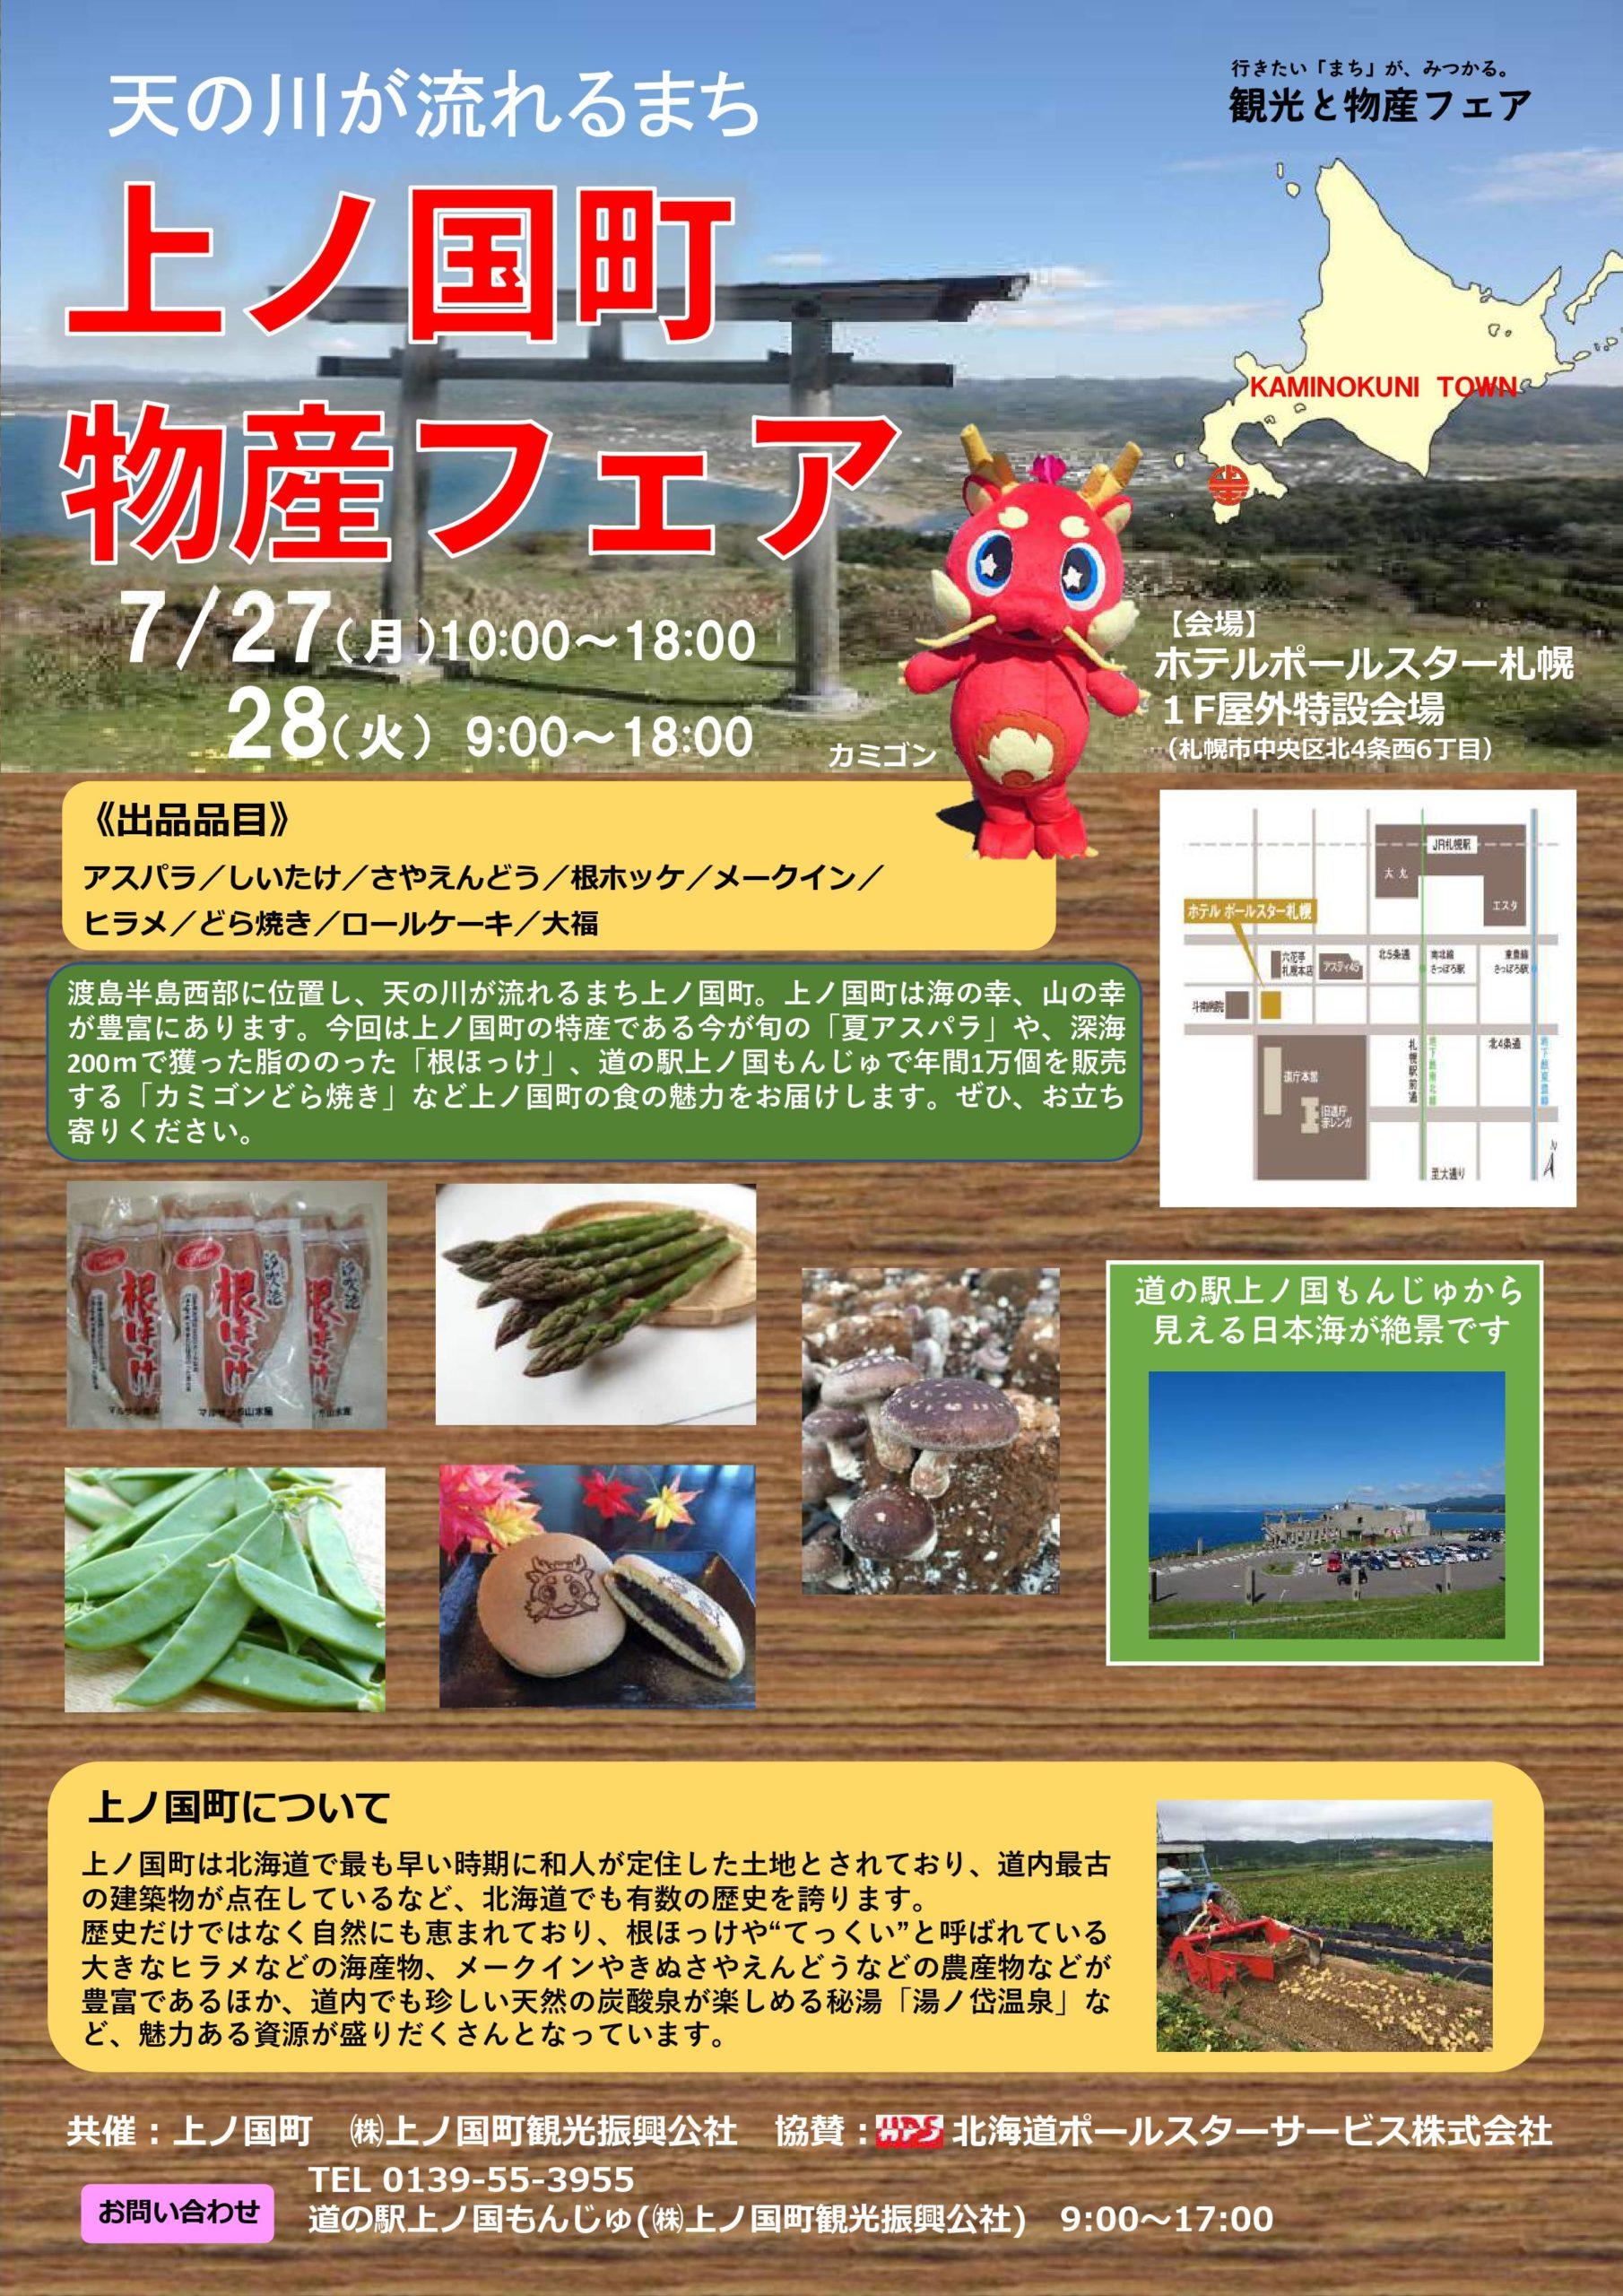 上ノ国町物産フェア(7月27日~28日)を開いています。